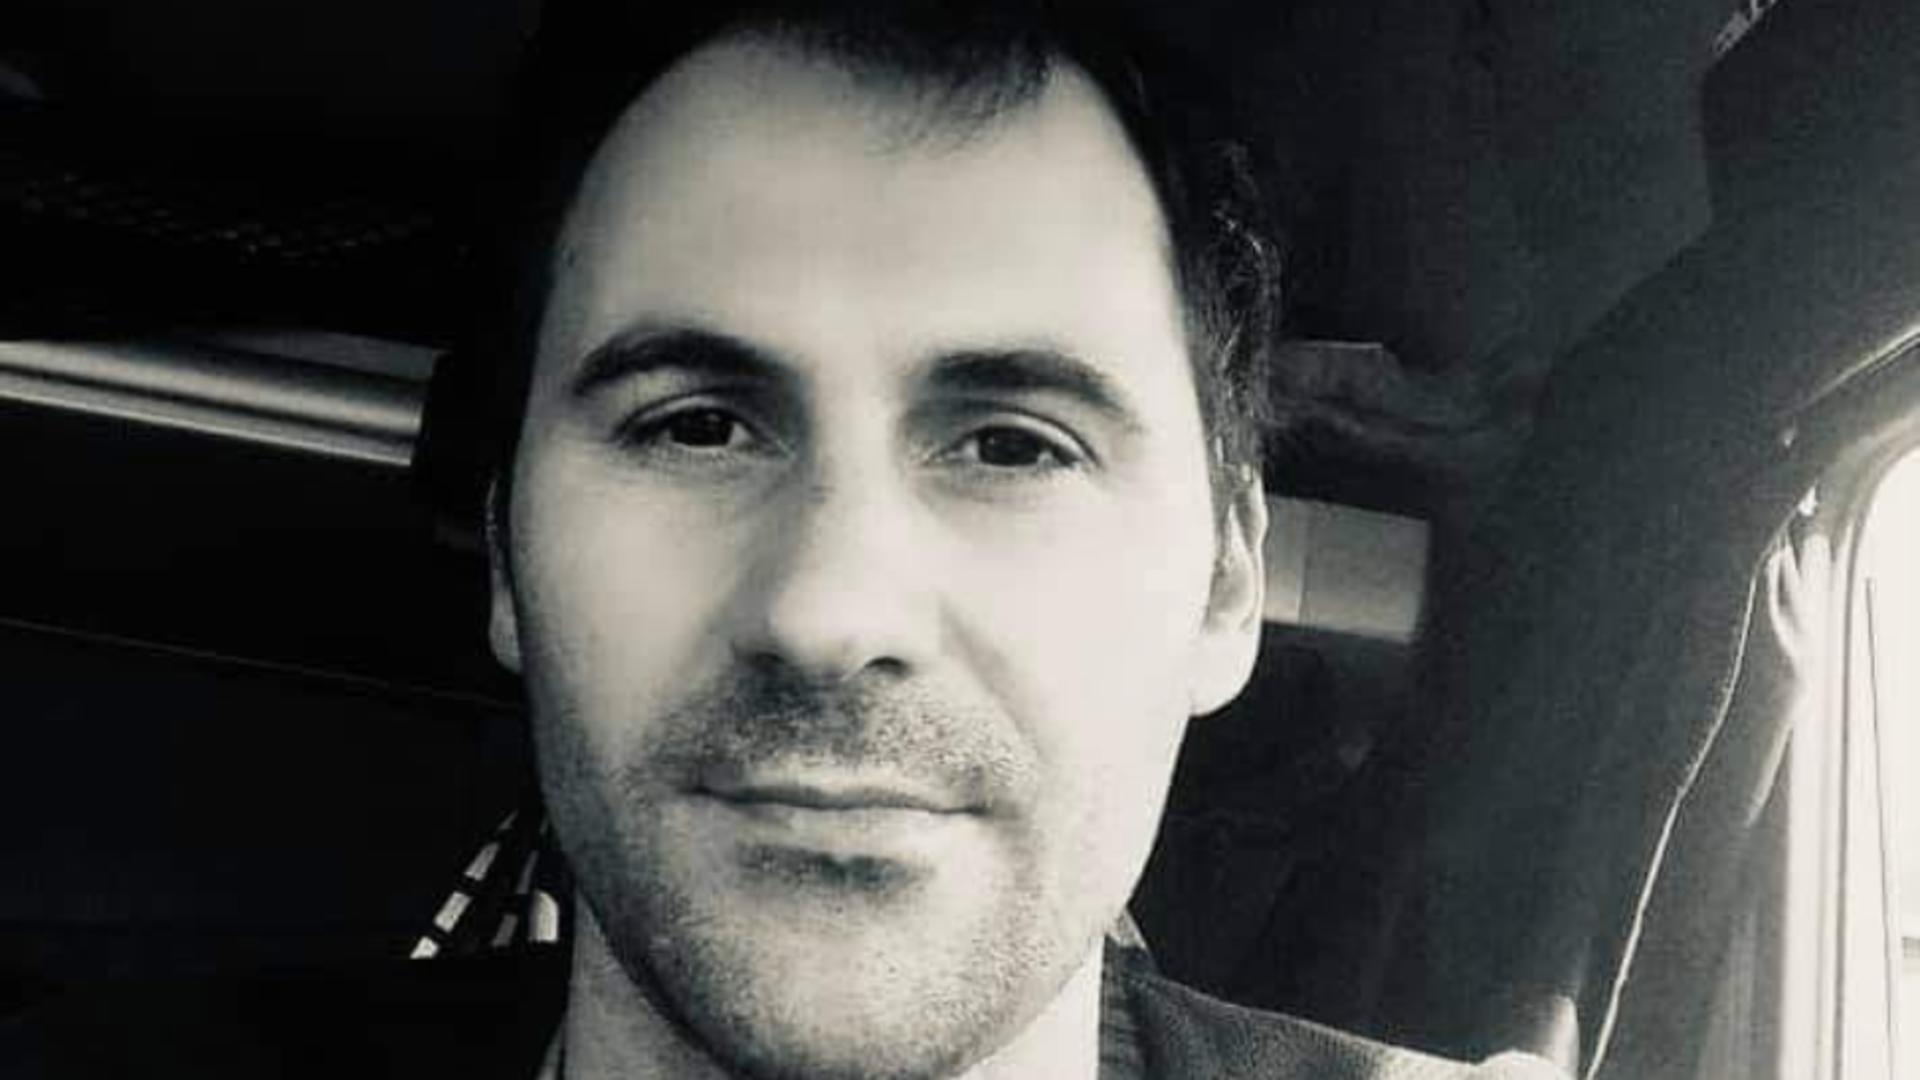 Mihai Spătaru, șoferul de TIR ucis într-o parcare în Franța. Trupul neînsuflețit - repatriat Foto: Facebook